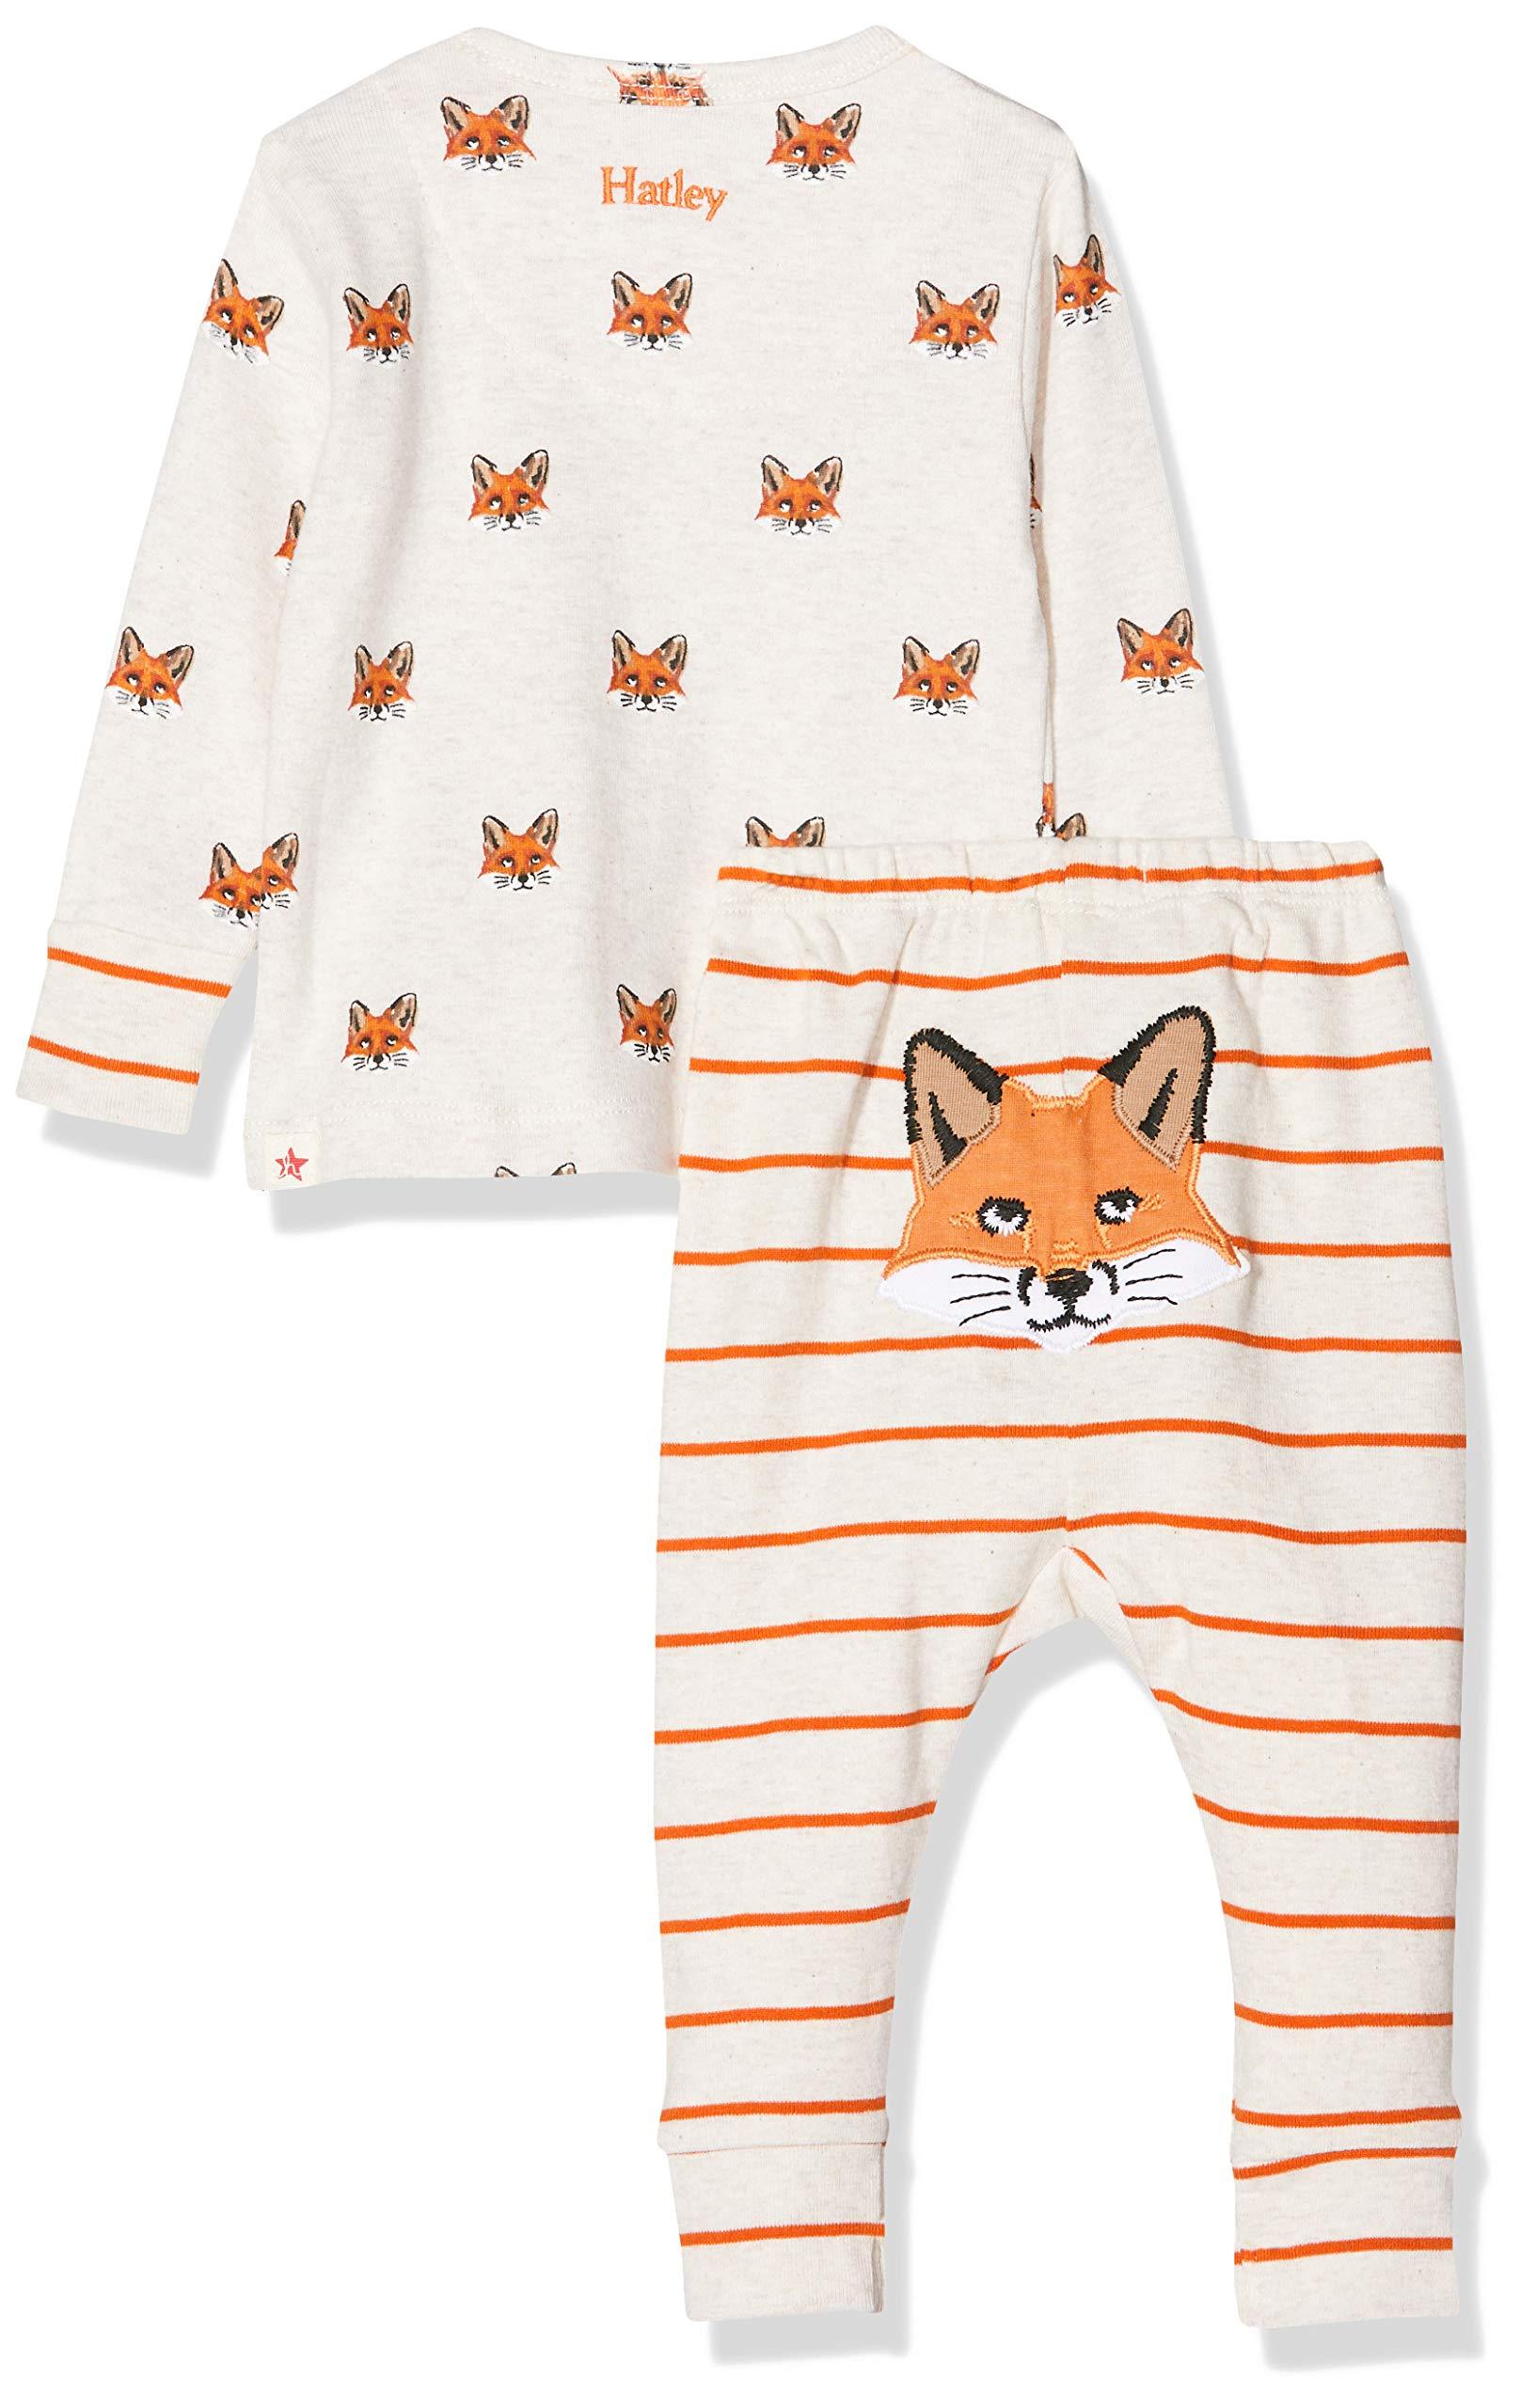 Hatley Organic Cotton Pyjama Sets Conjuntos de Pijama para Bebés 2